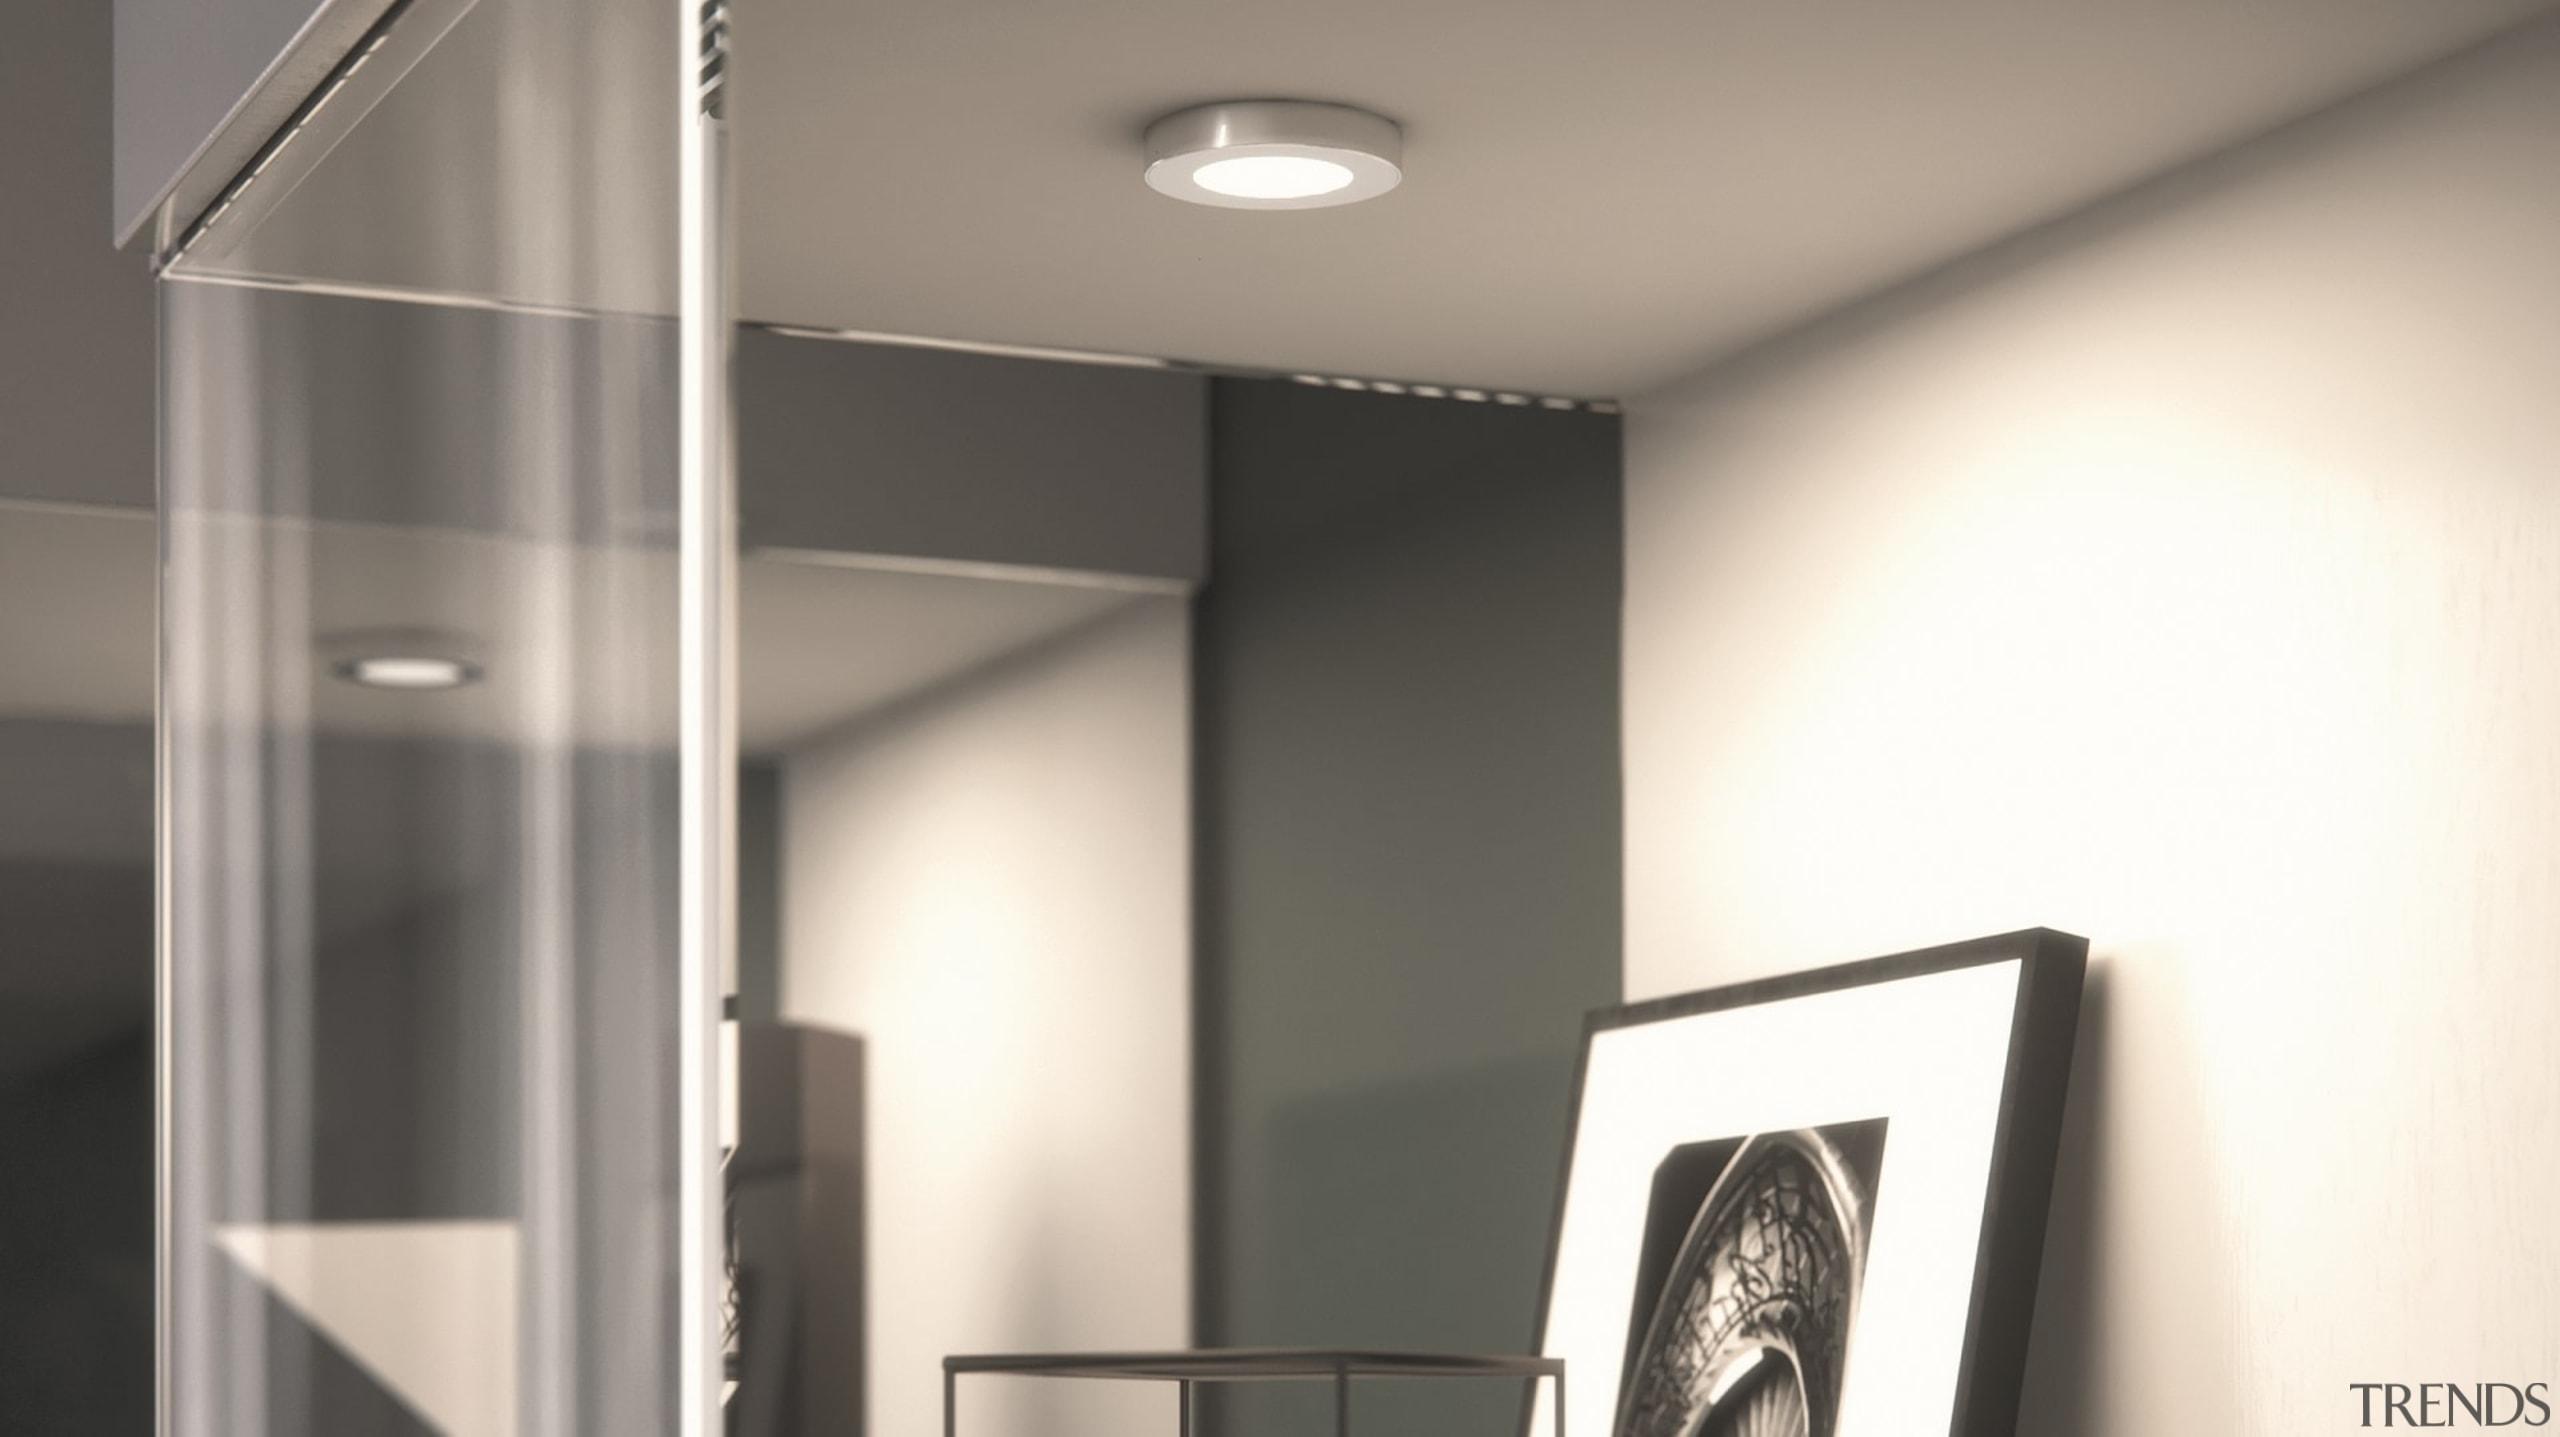 DOMUS LINE Atom 24Vdc Spotlight with Straight Spacer ceiling, daylighting, interior design, lamp, light, light fixture, lighting, white, gray